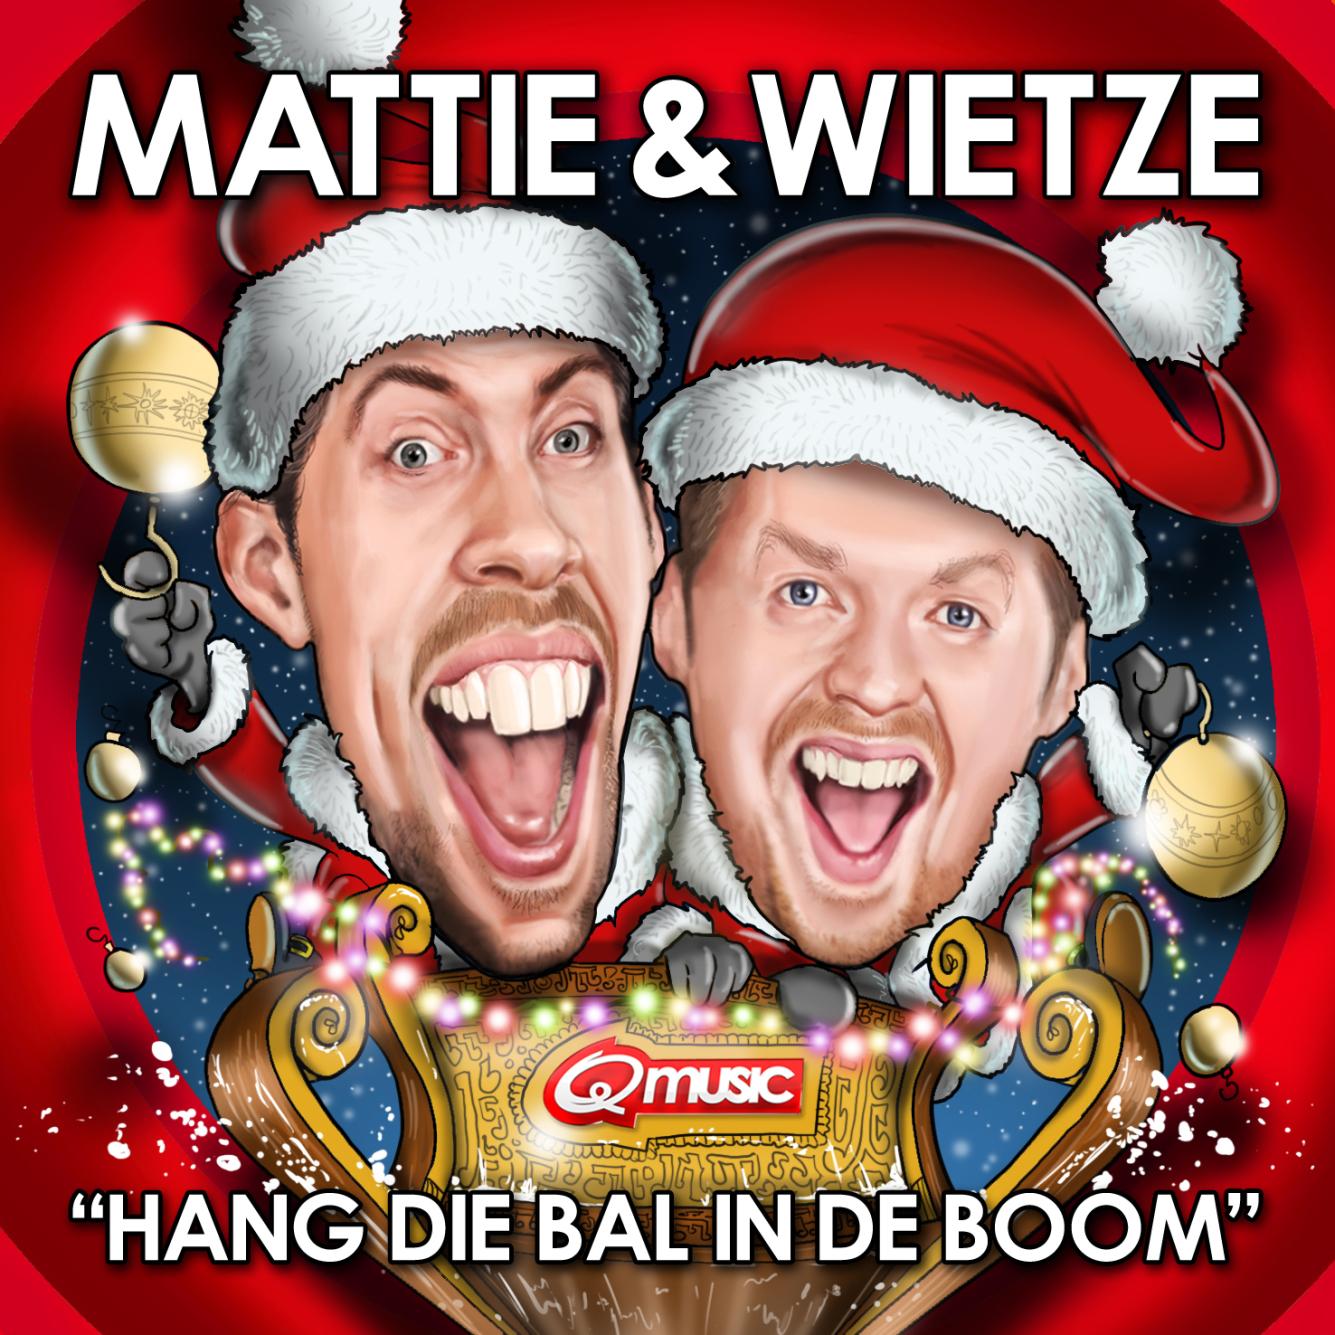 Q music kerstcd mattiewietze v2